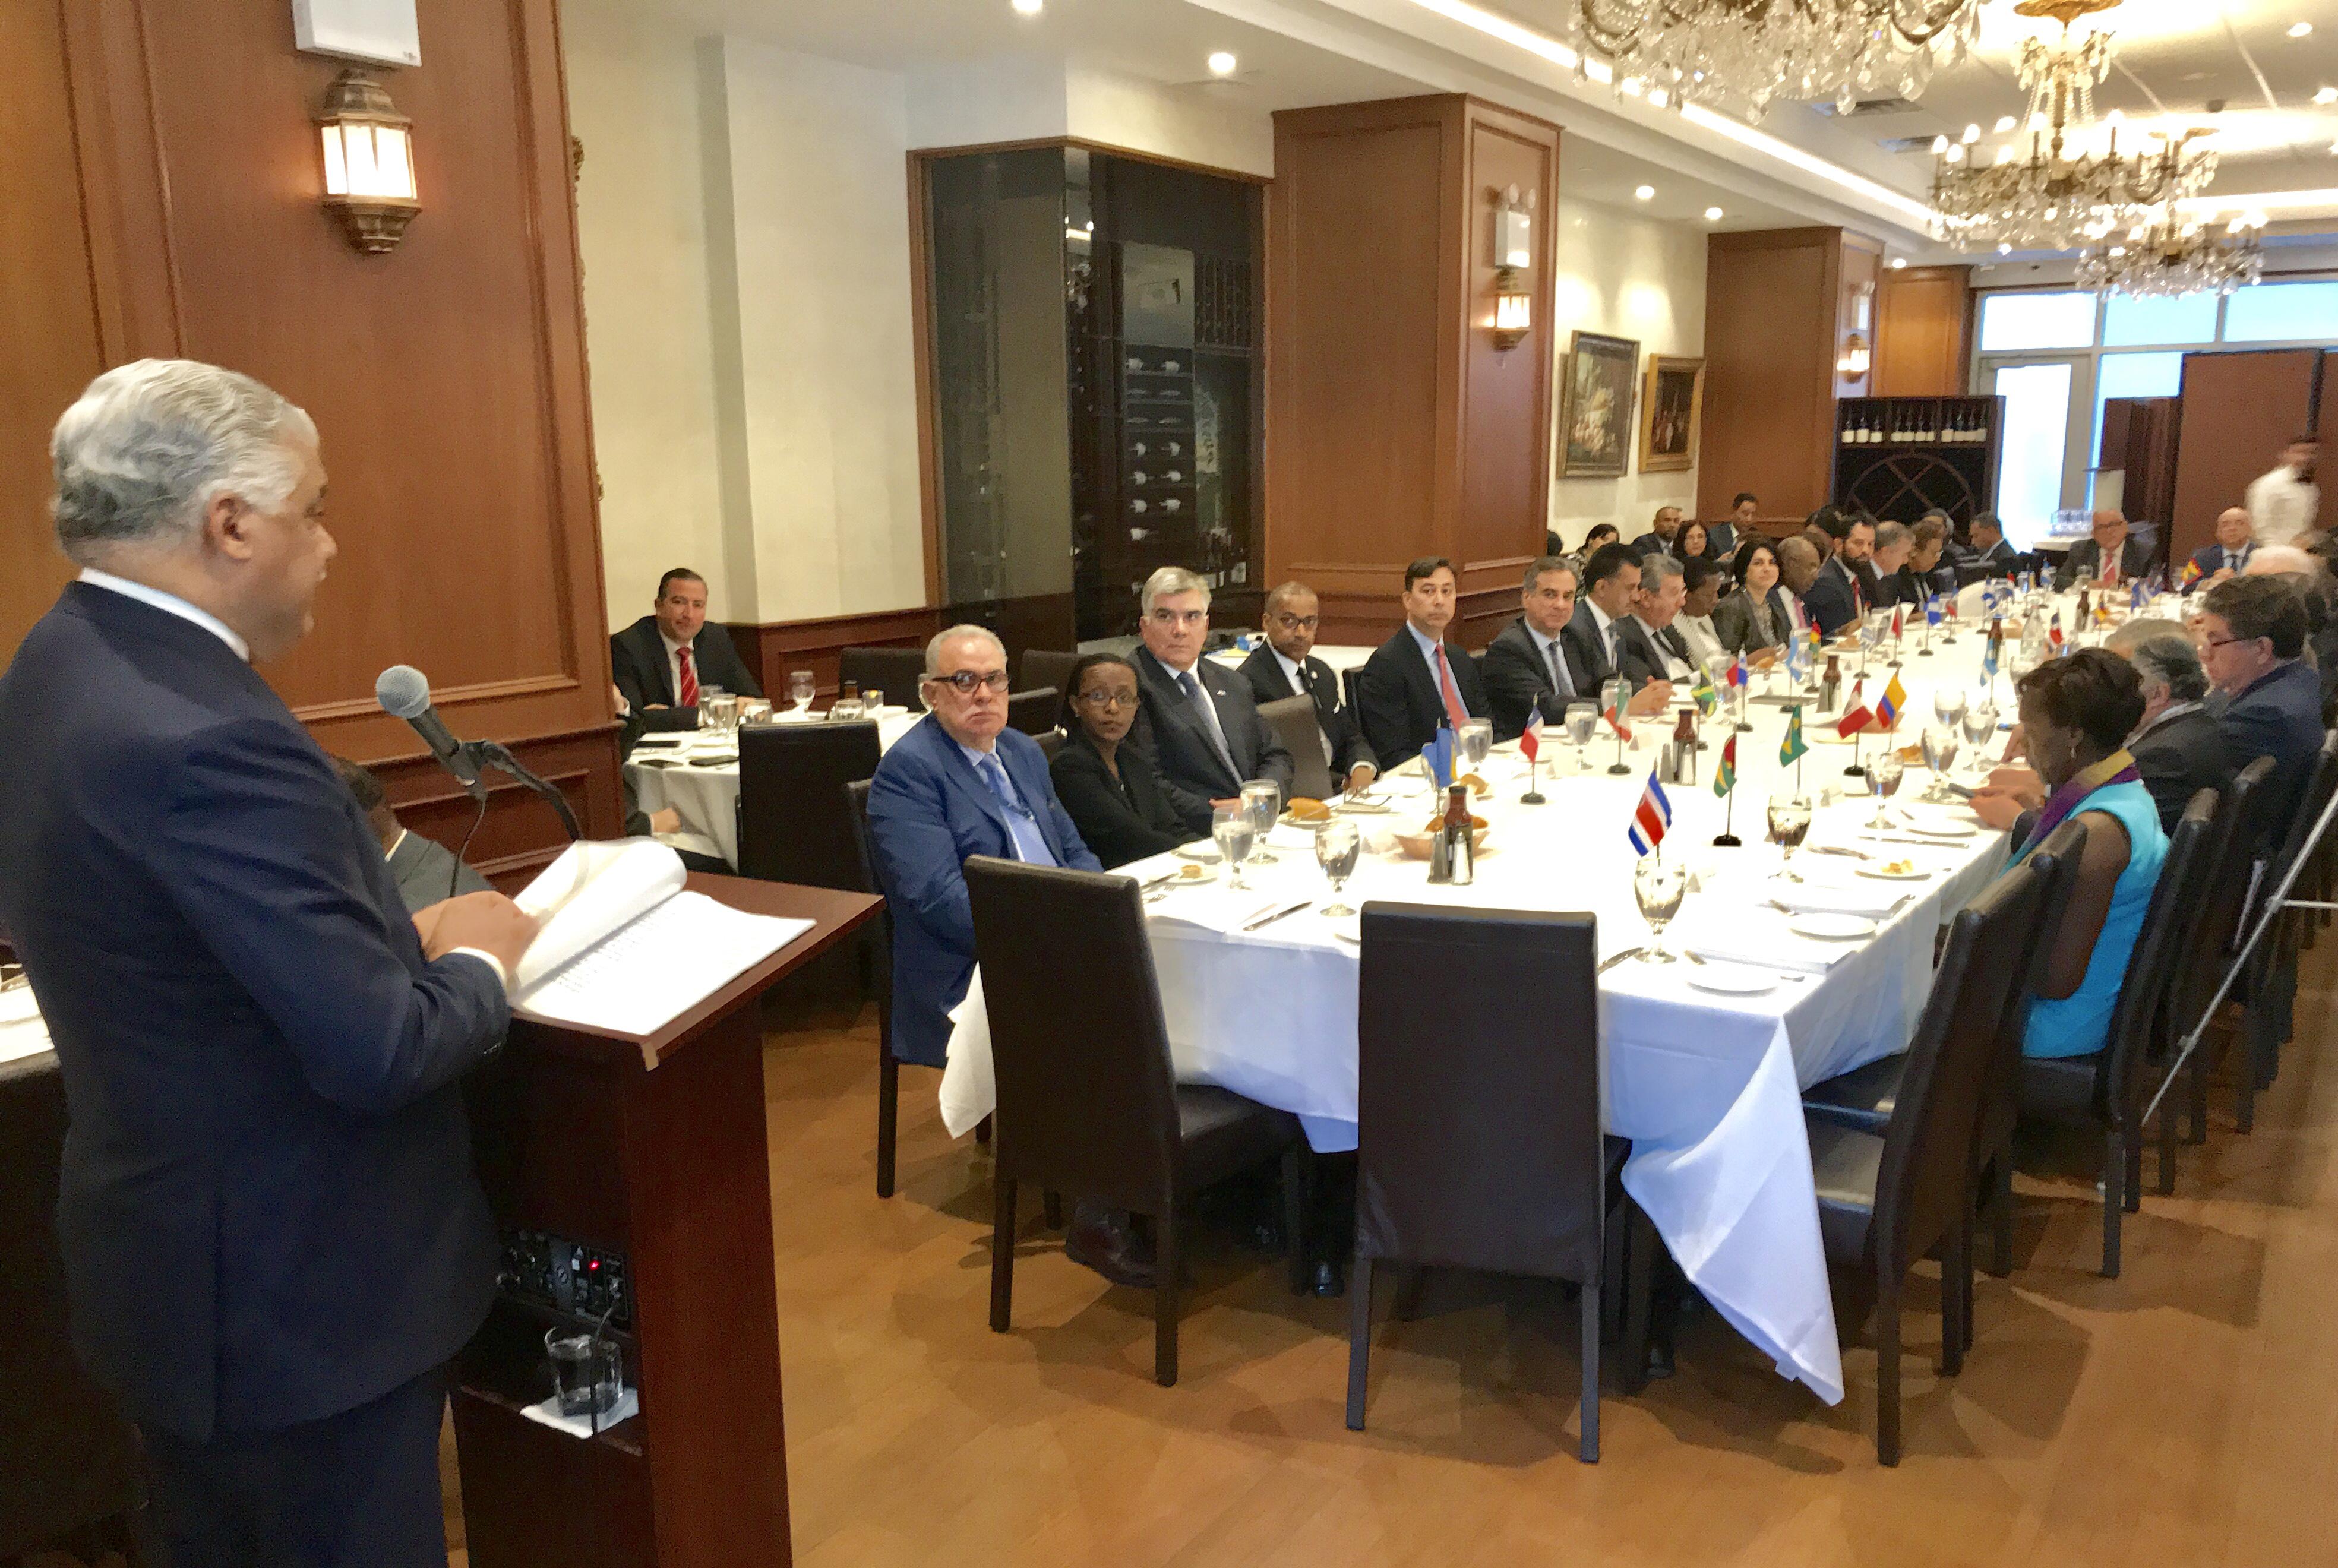 Canciller asegura RD defenderá intereses de la región desde Consejo de Seguridad ONU